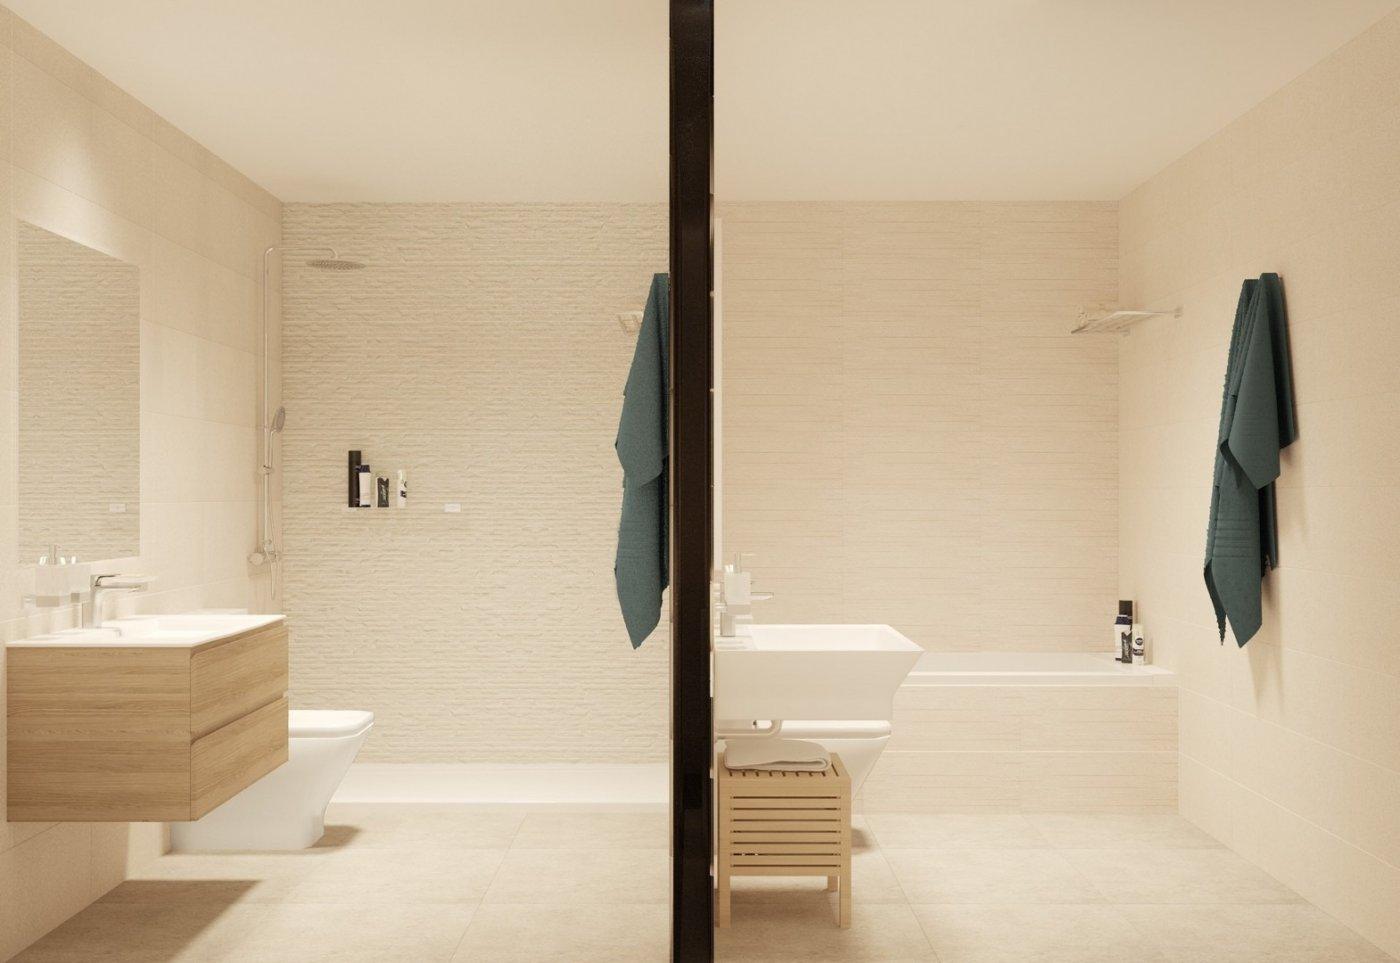 Magnífica promoción de obra nueva de diseño vanguardista en calpe - imagenInmueble11